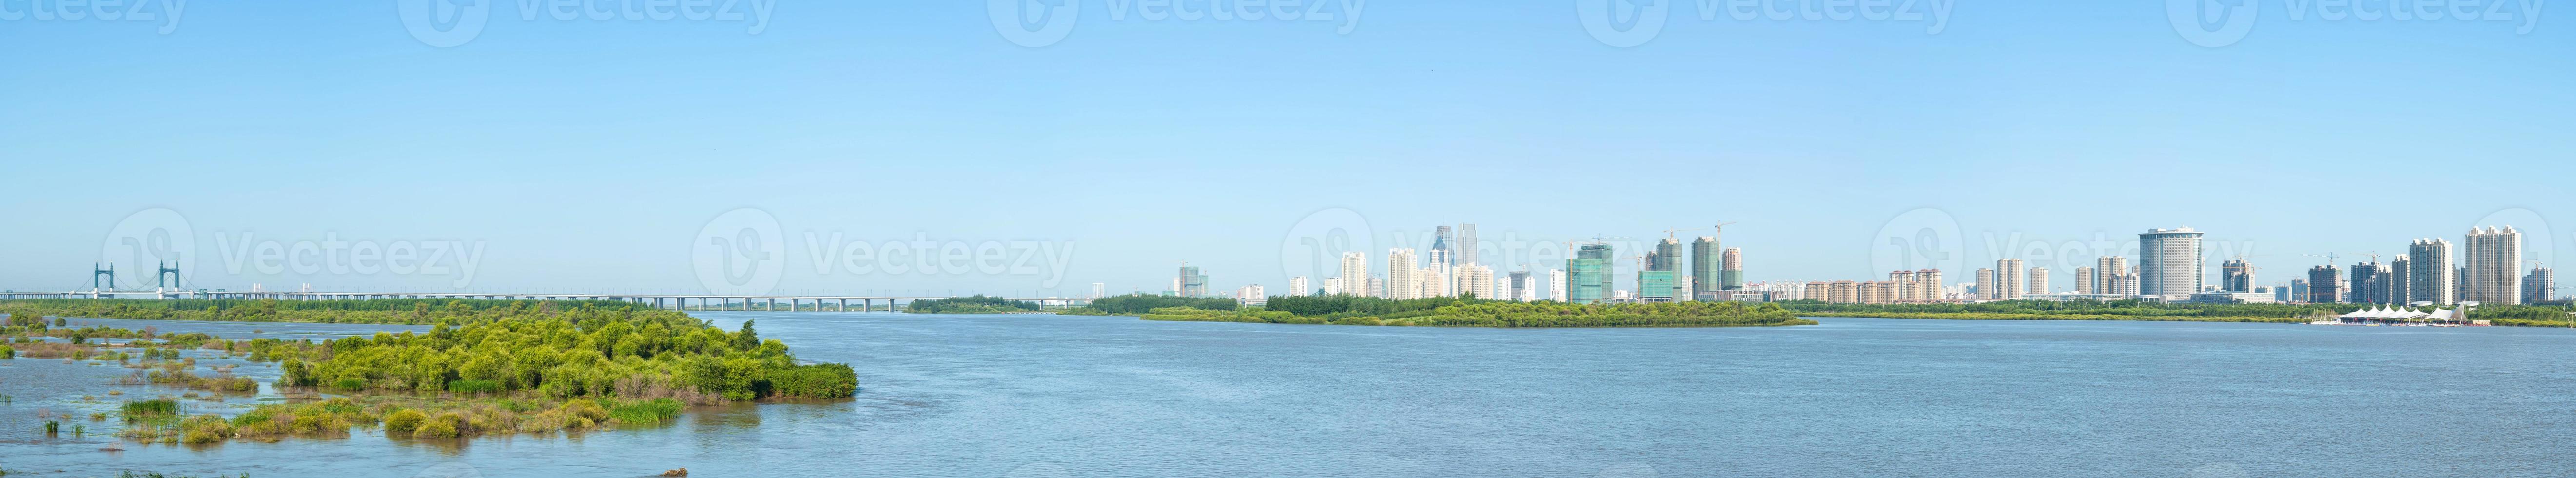 Songhua River & Harbin City foto